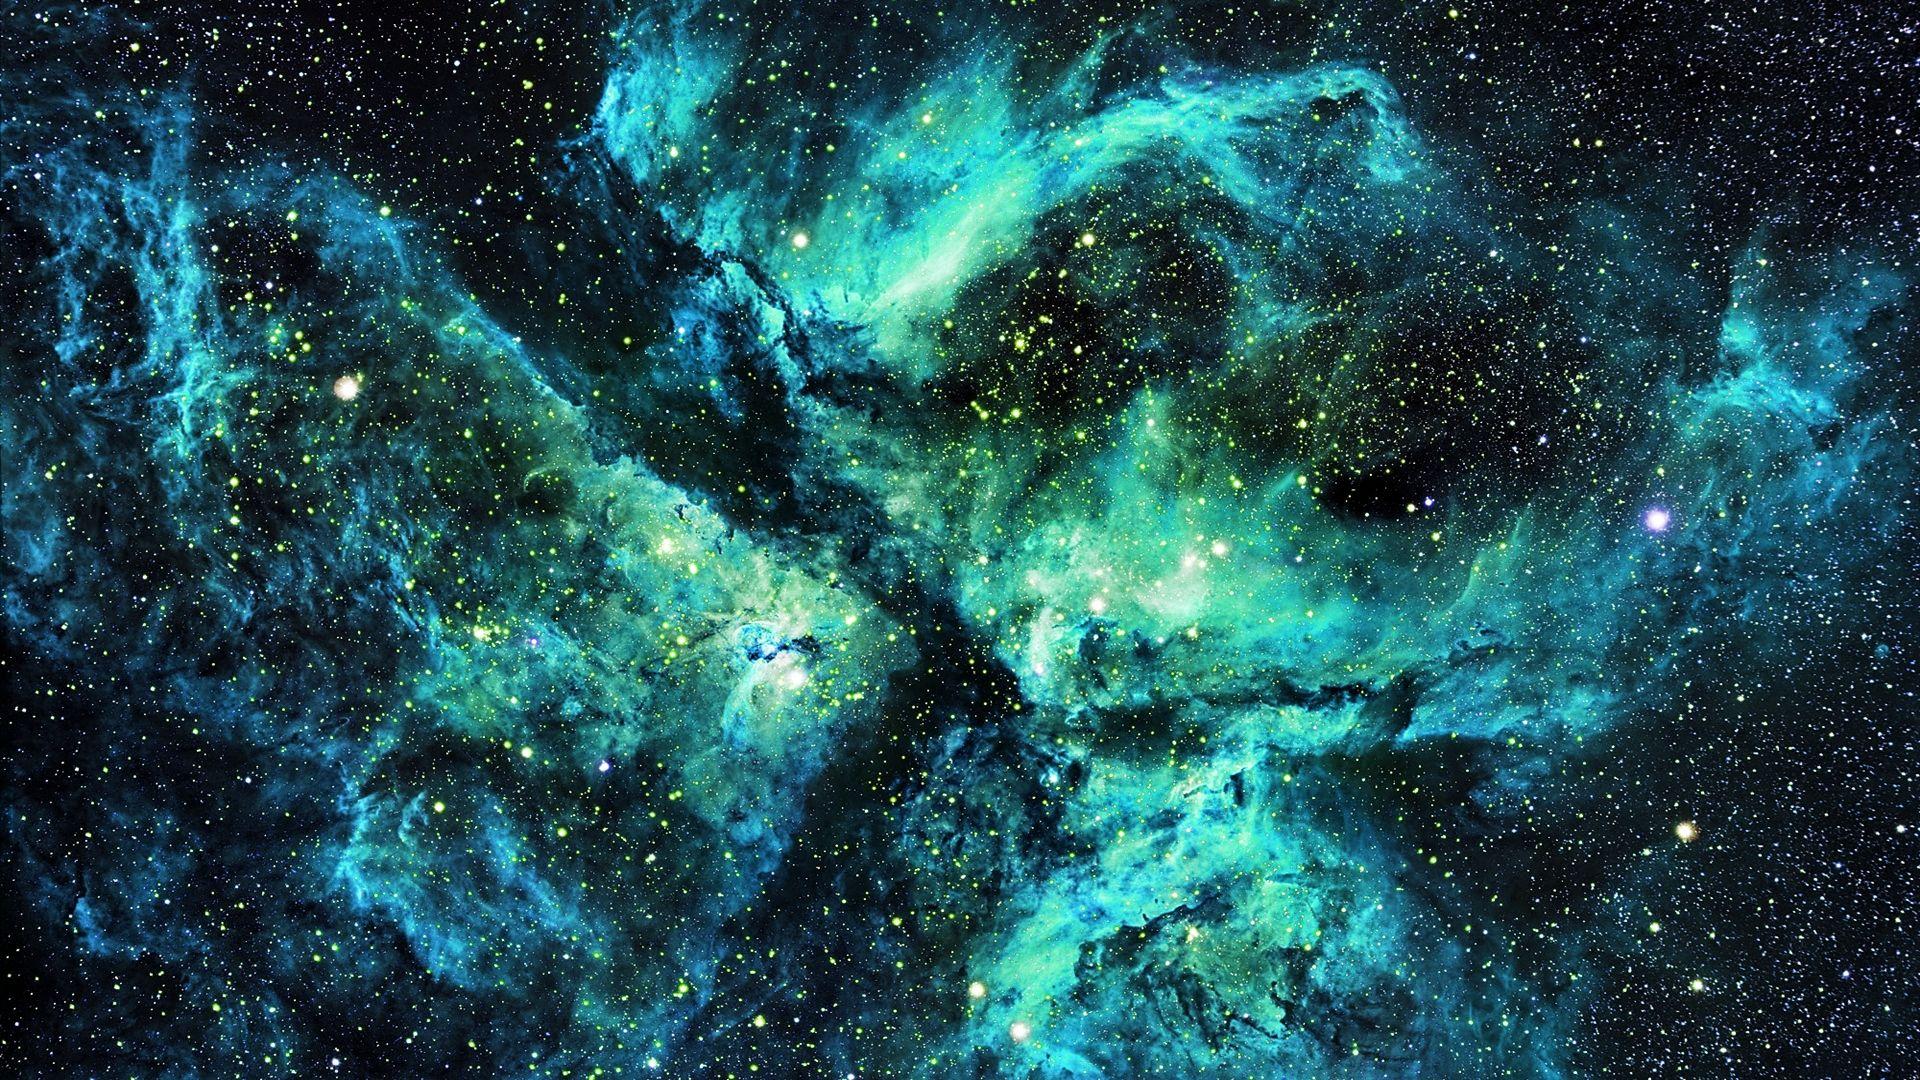 The Paper Wall Nebula Wallpaper Hd Galaxy Wallpaper Nebula